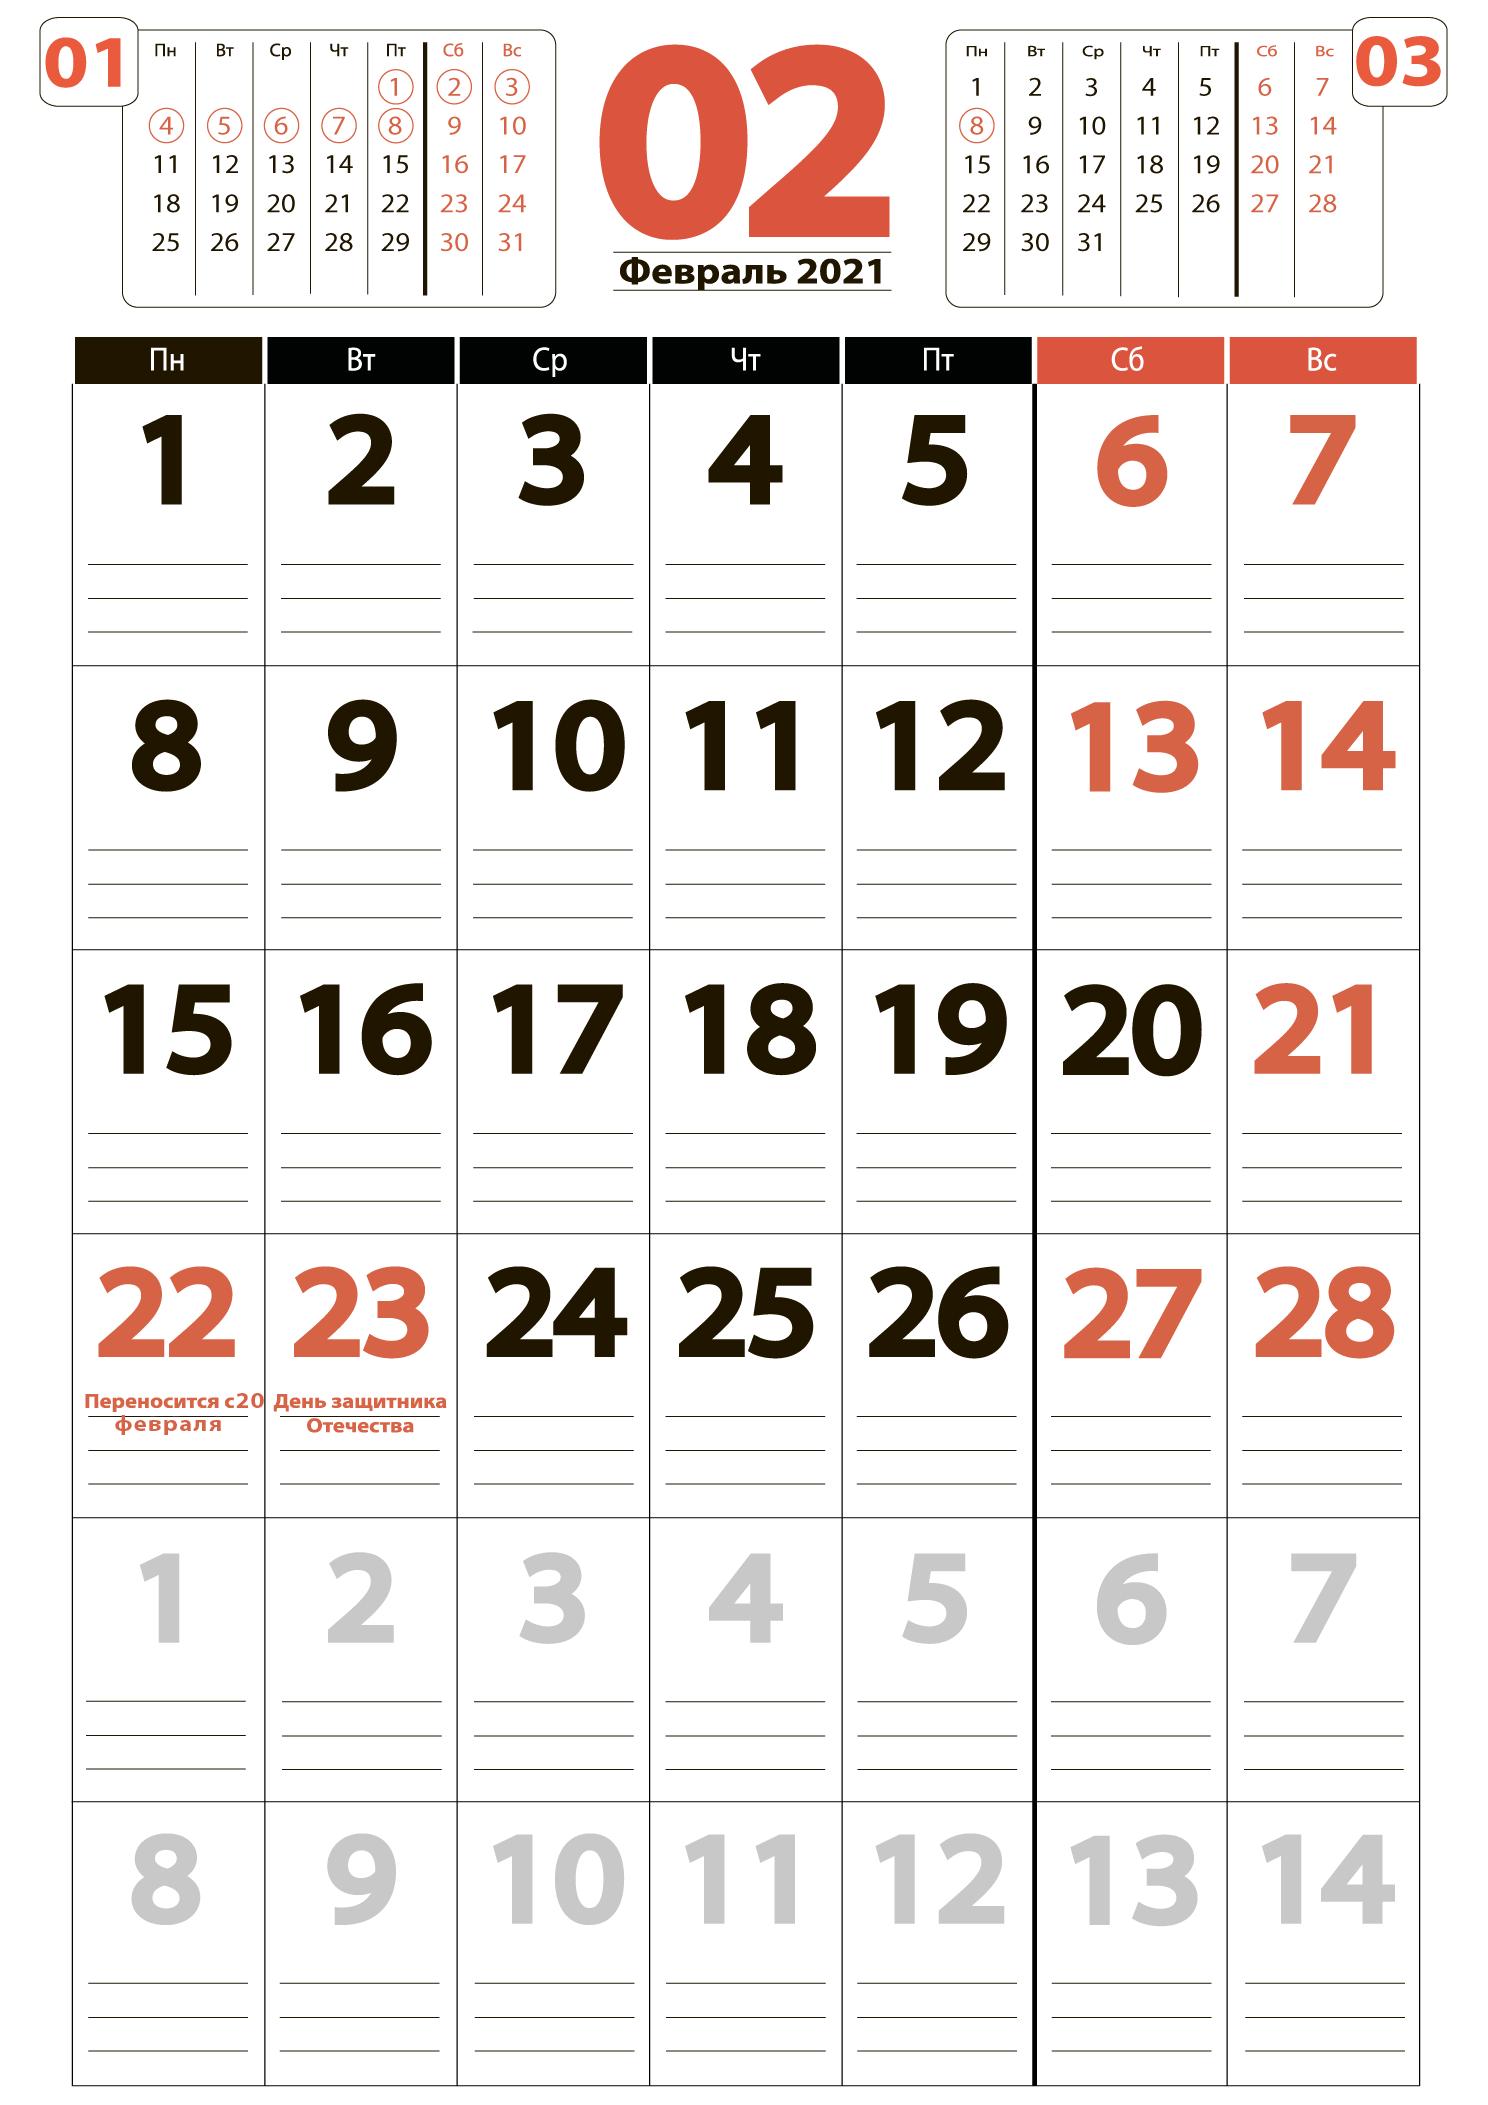 Календарь на февраль 2021 - скачать